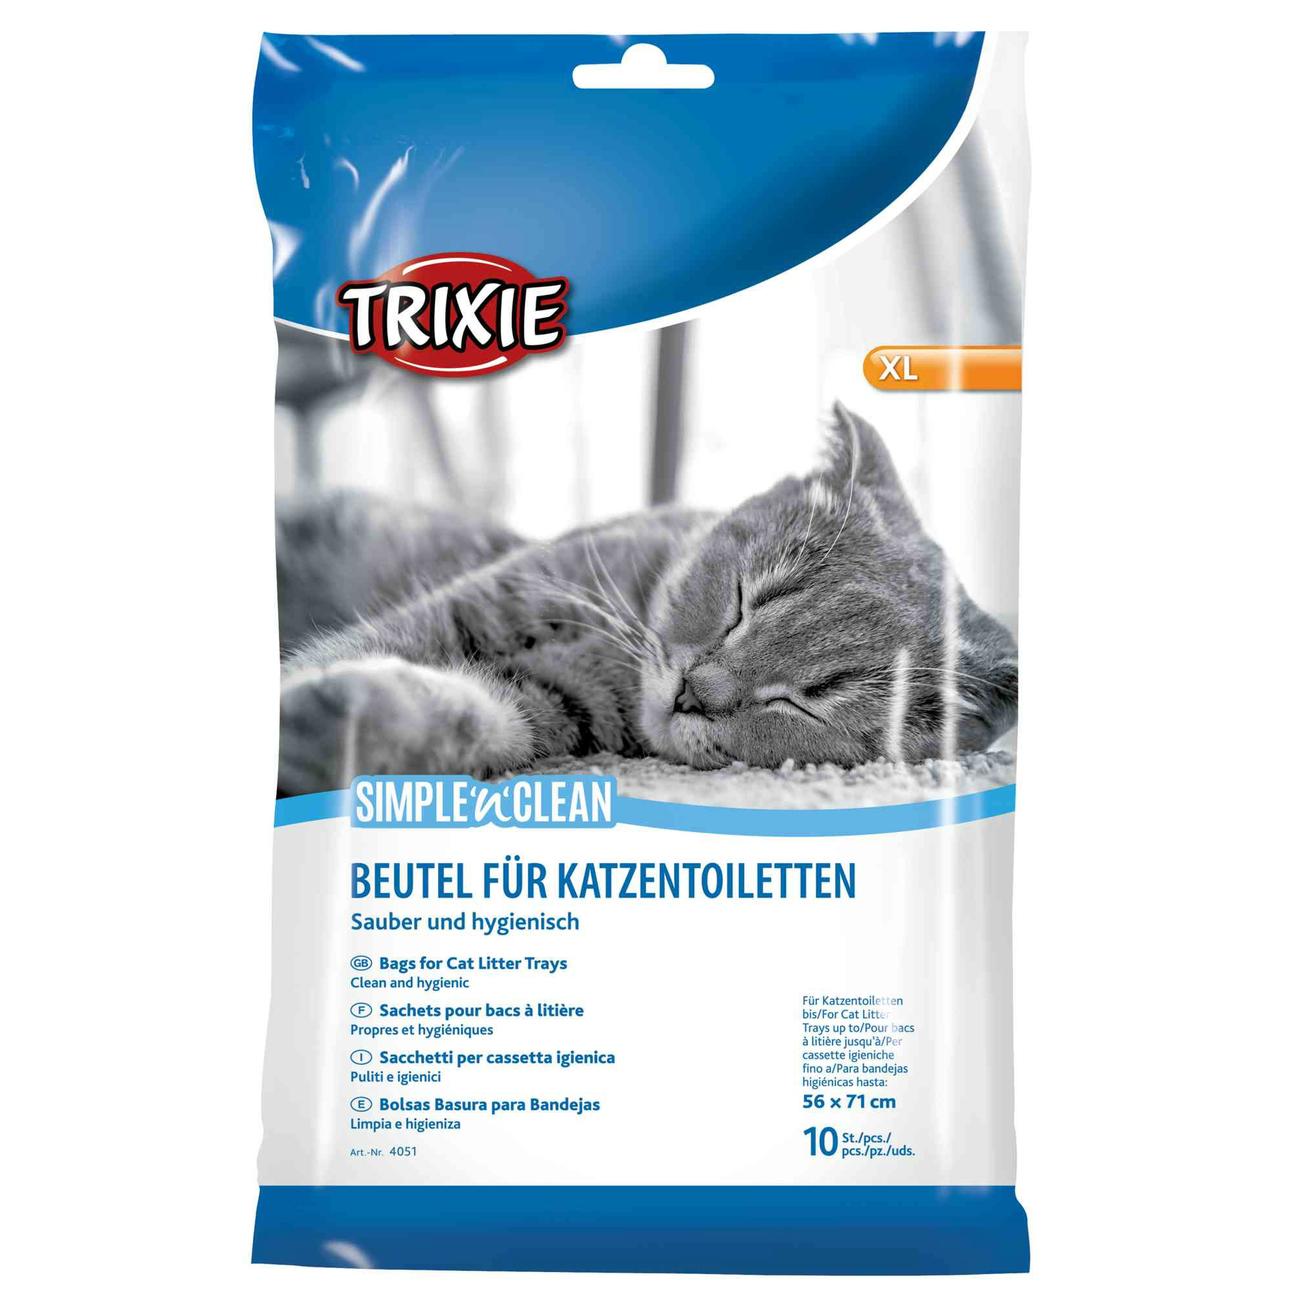 Trixie Katzentoiletten Beutel 4043, Bild 5